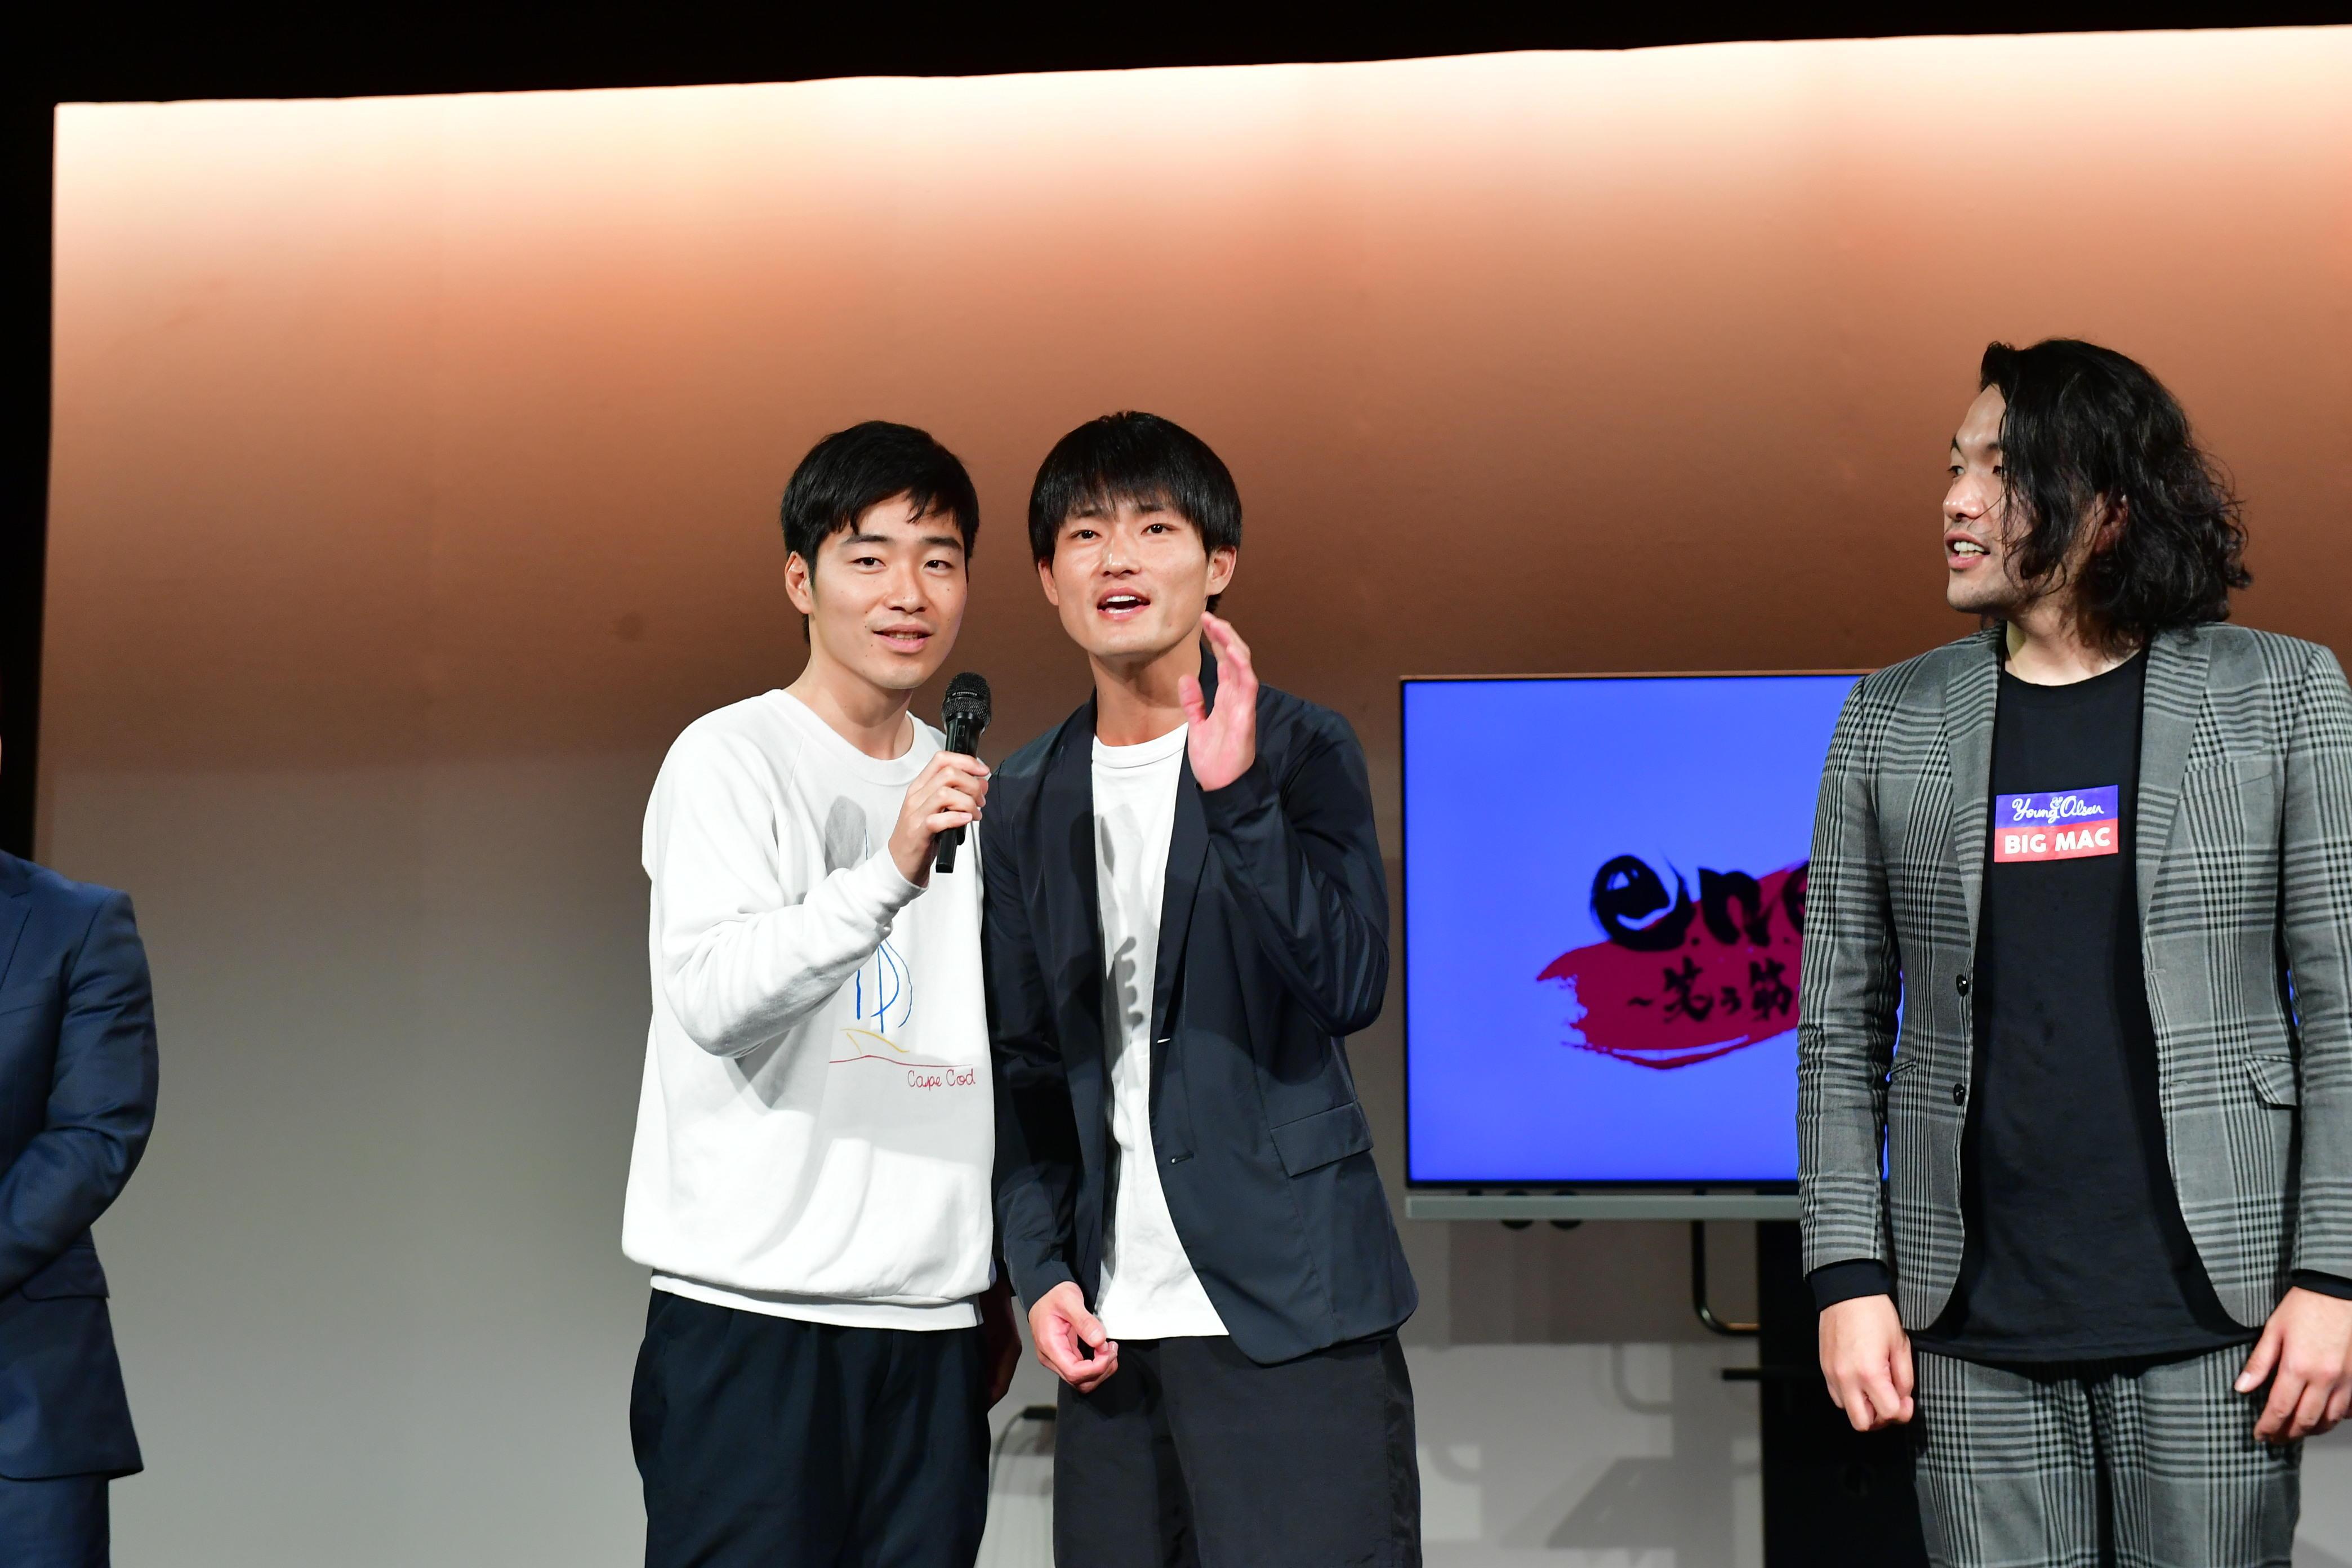 http://news.yoshimoto.co.jp/20181206205449-77d0e3e7305690c0ef304e2d898dca1a6a43aa81.jpg